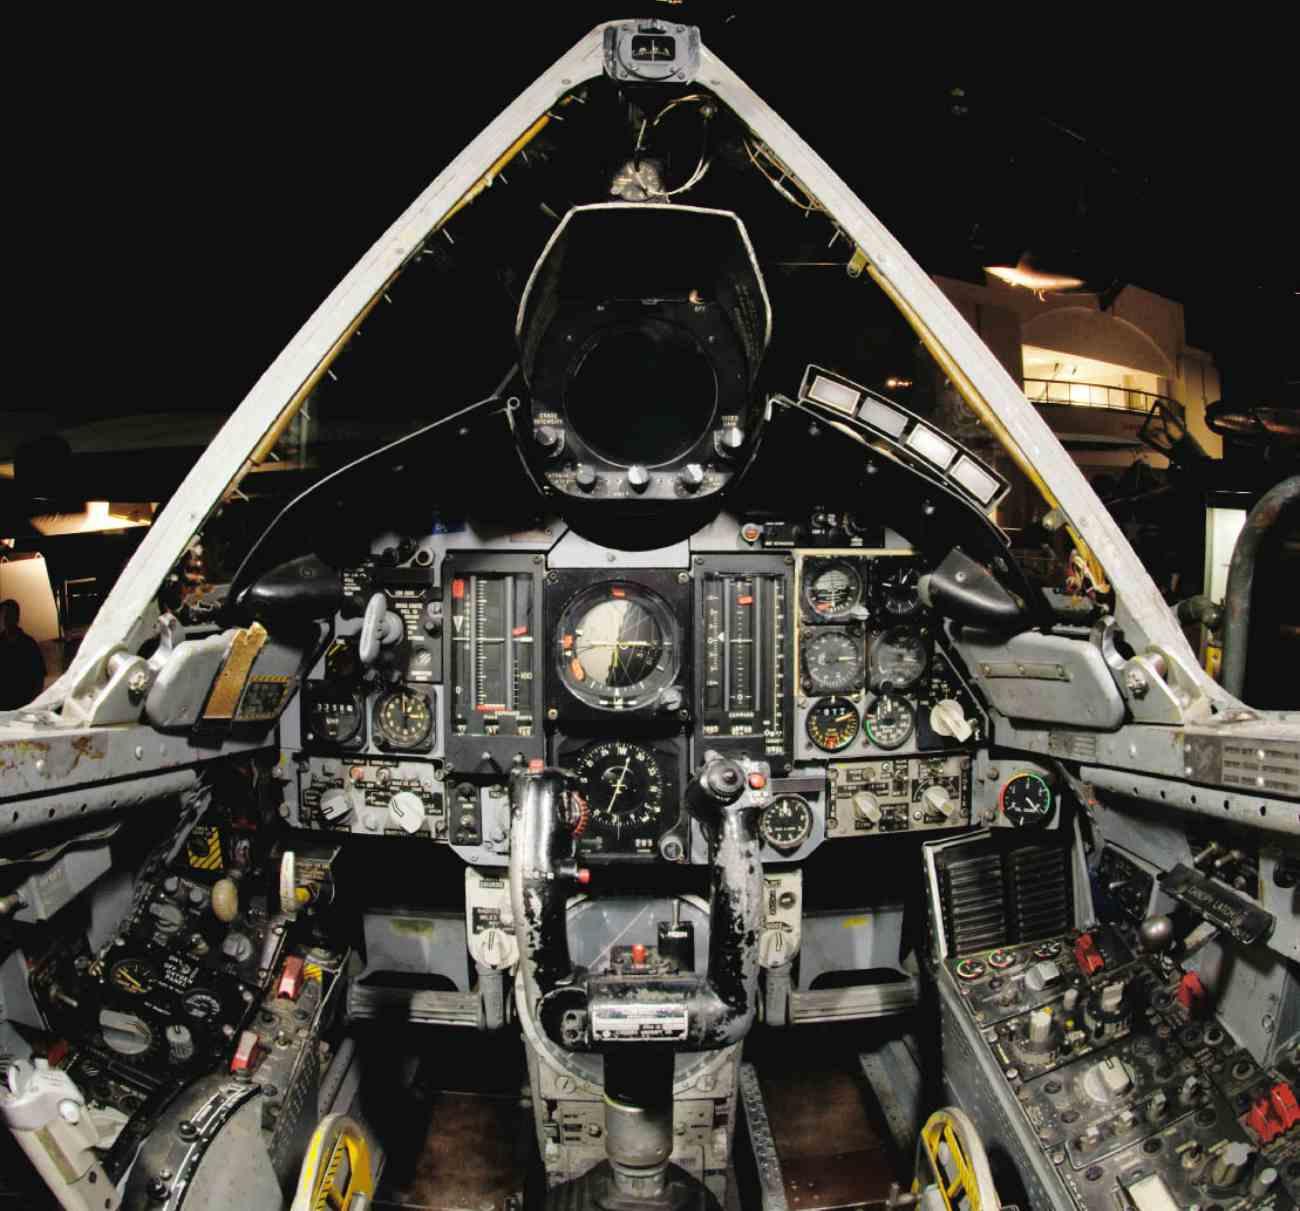 Fighter Jet cockpit, F-106 cockpit